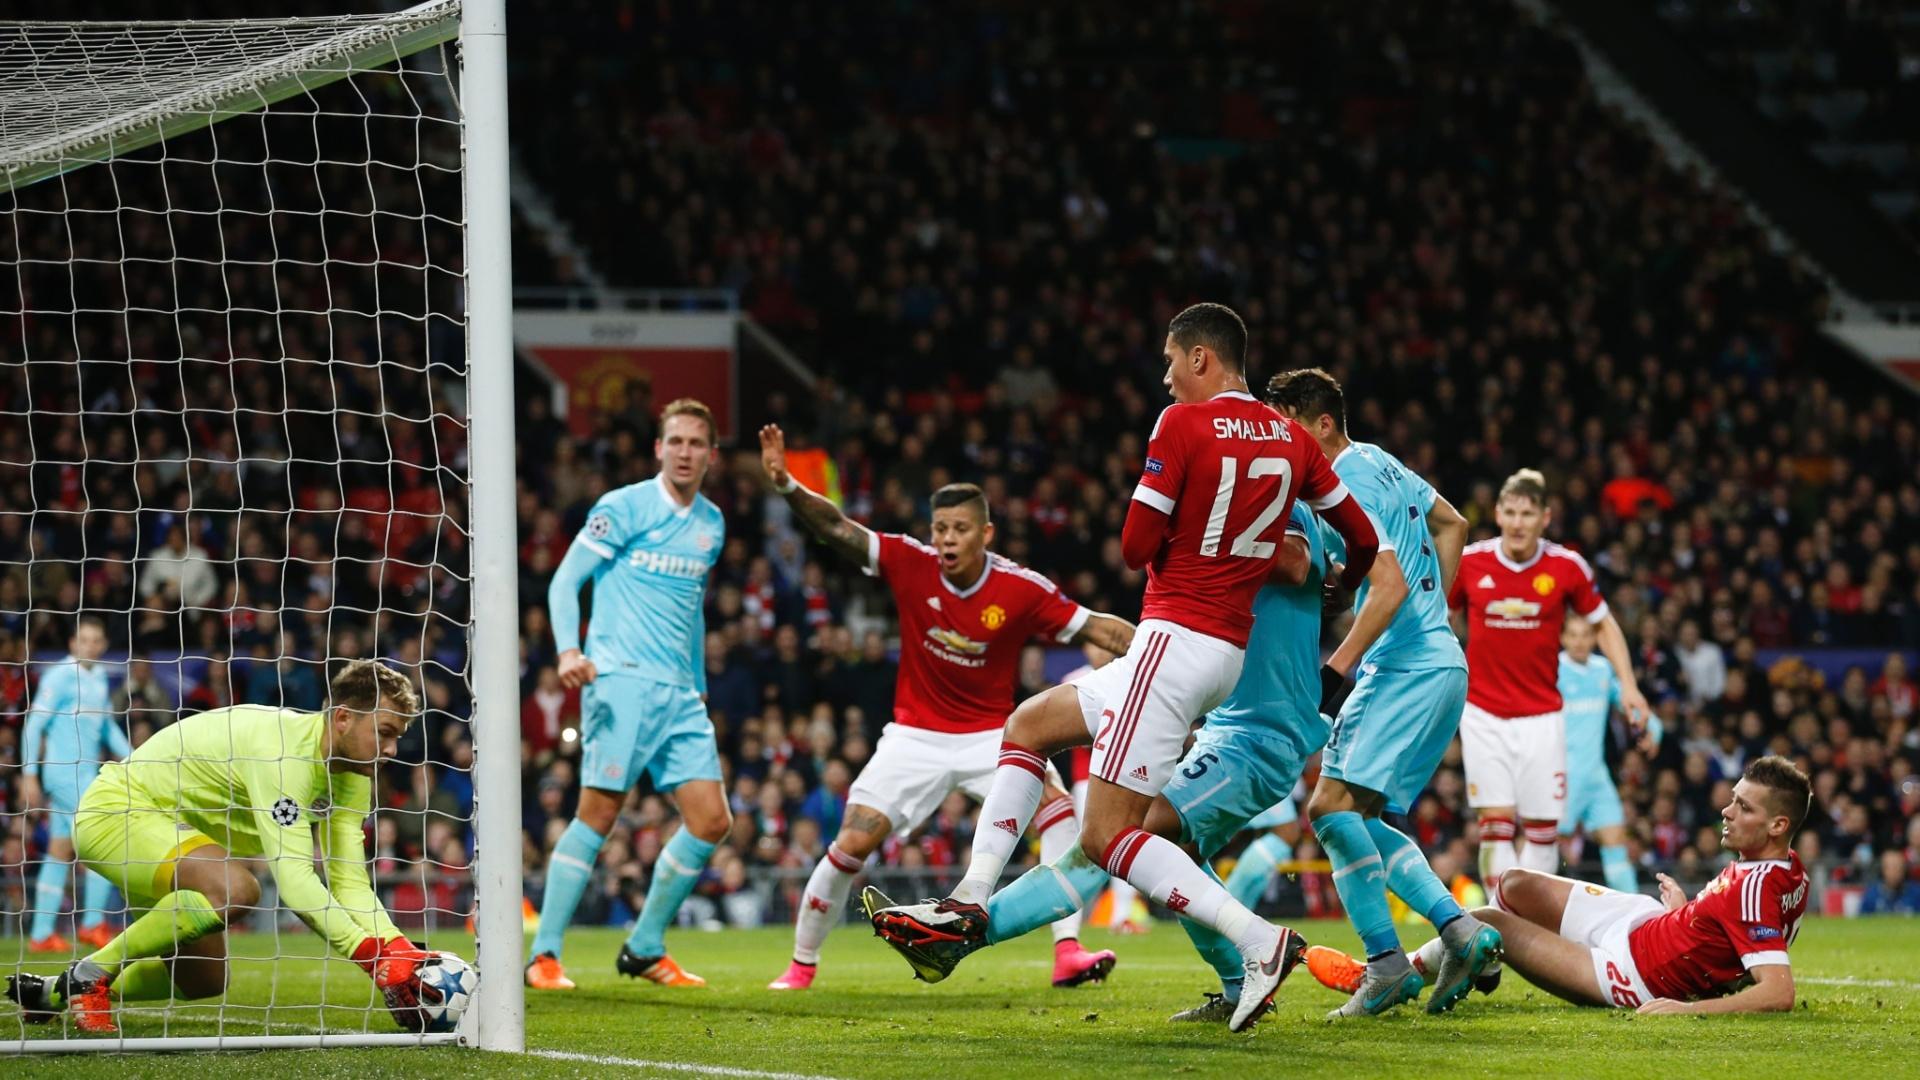 Goleiro do PSV defende em cima da linha um chute de Morgan Schneiderlin, do Manchester United